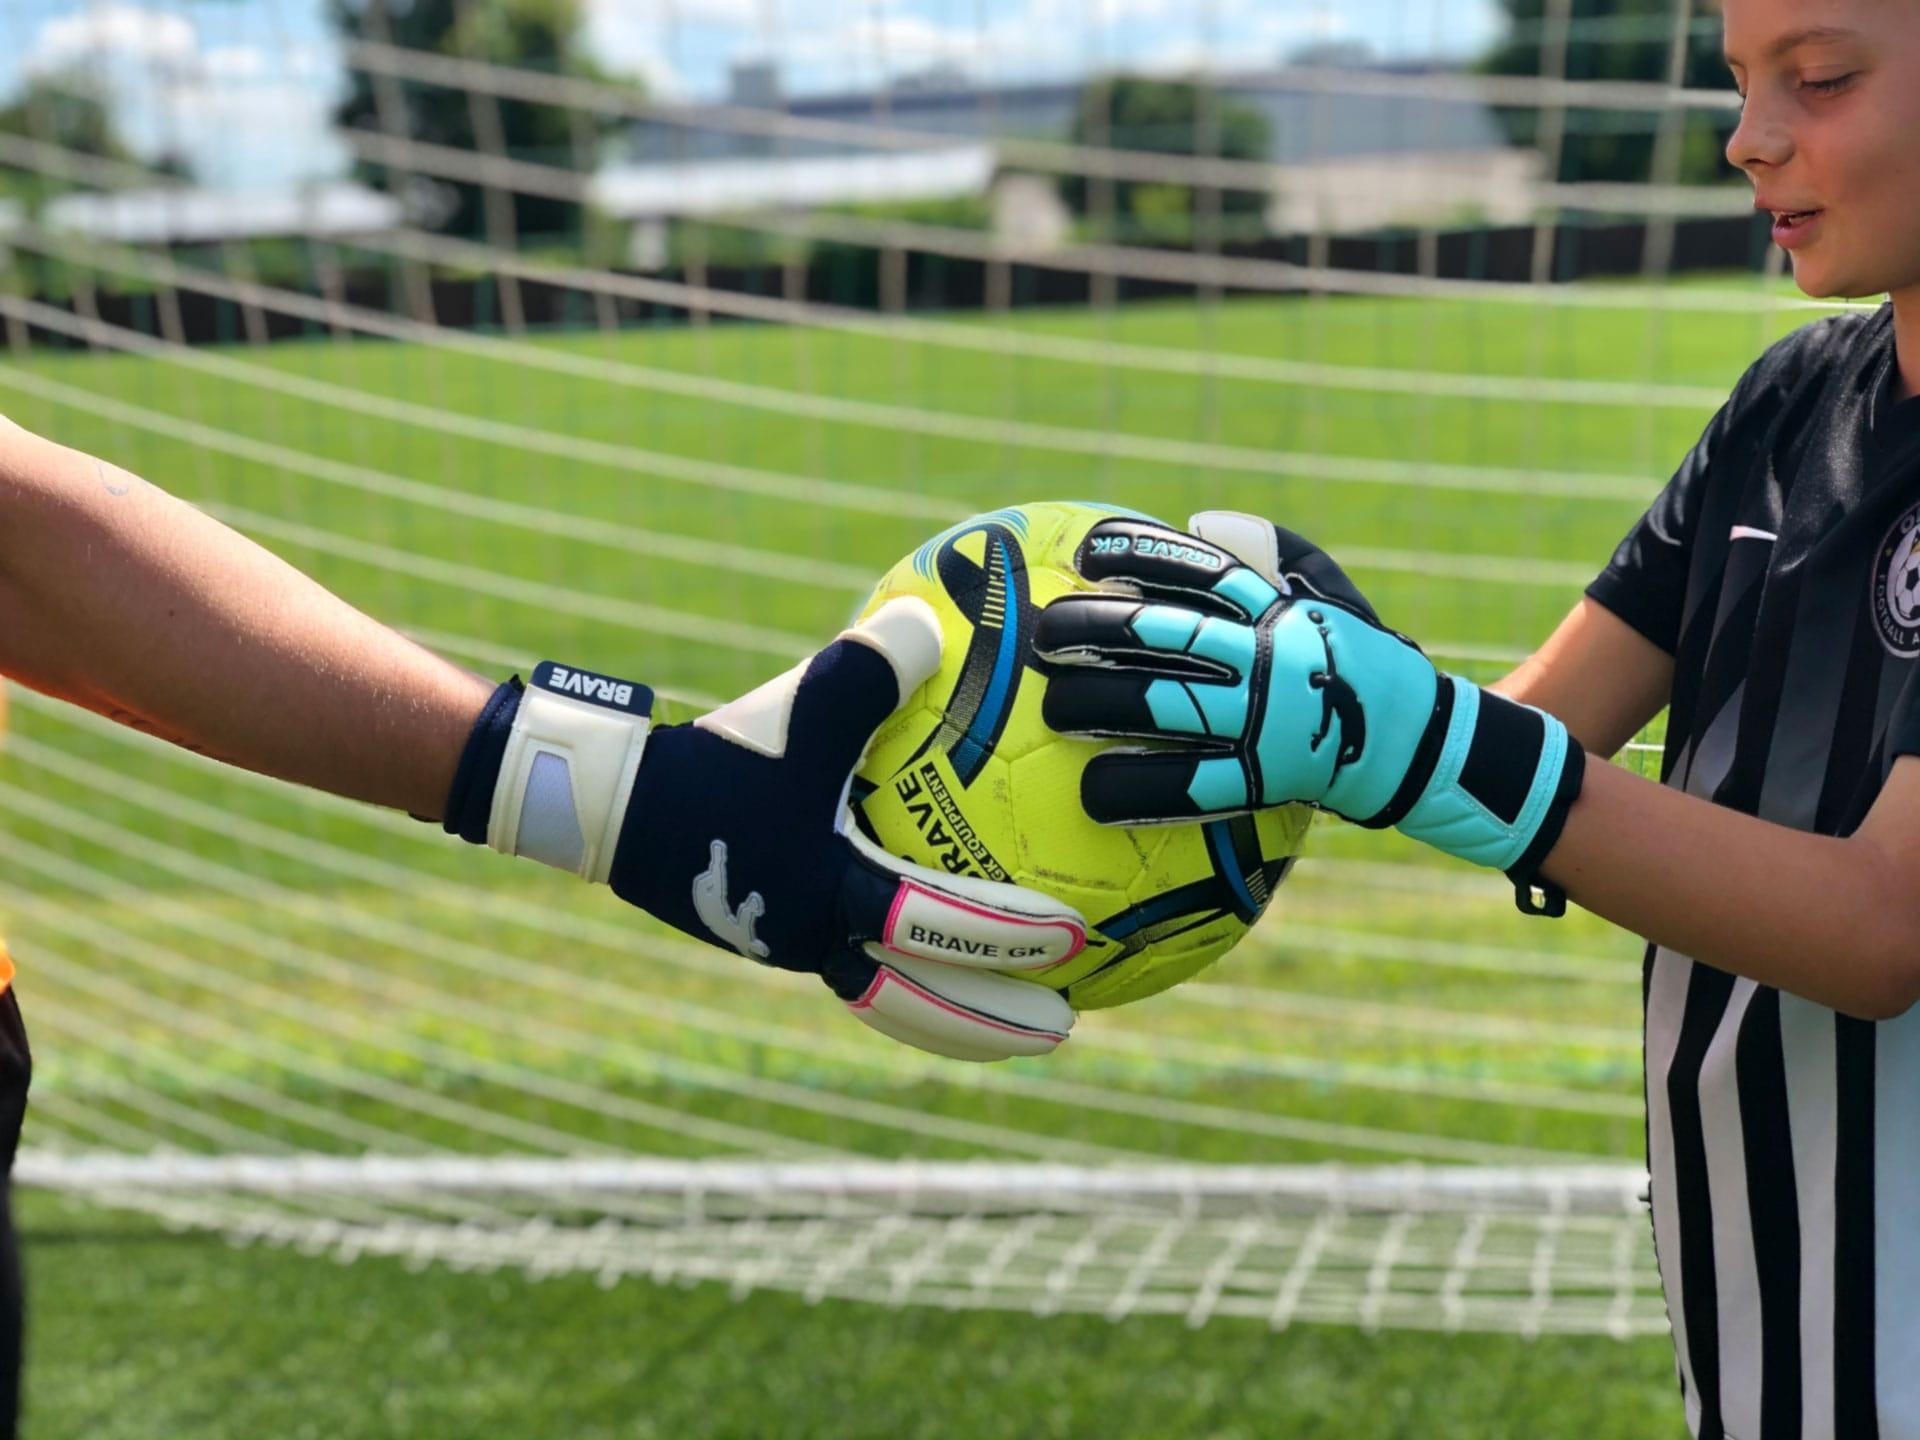 Дитячі воротарські рукавиці Brave GK Winner-офіційний інтернет-магазин Brave GK